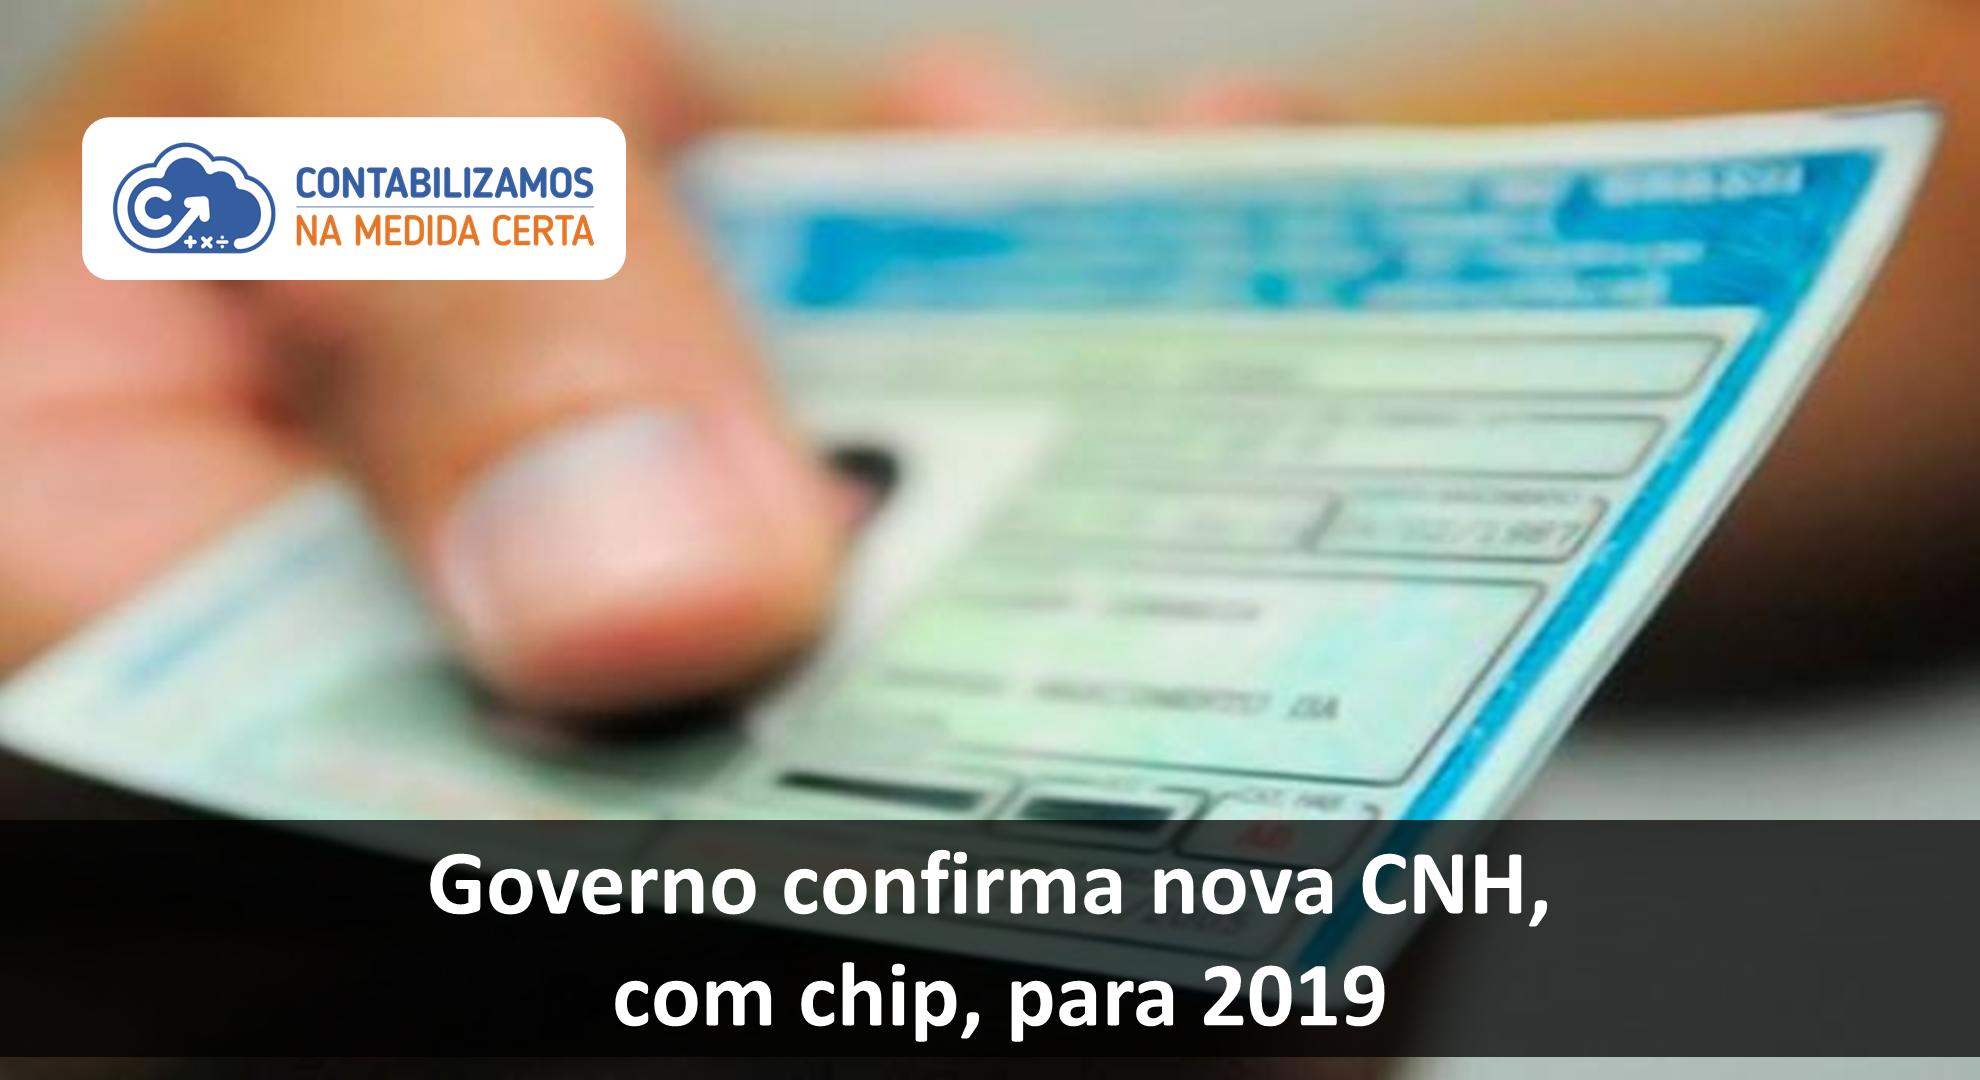 CONTABILIZAMOSGoverno Confirma Nova CNH, Com Chip, Para 2019